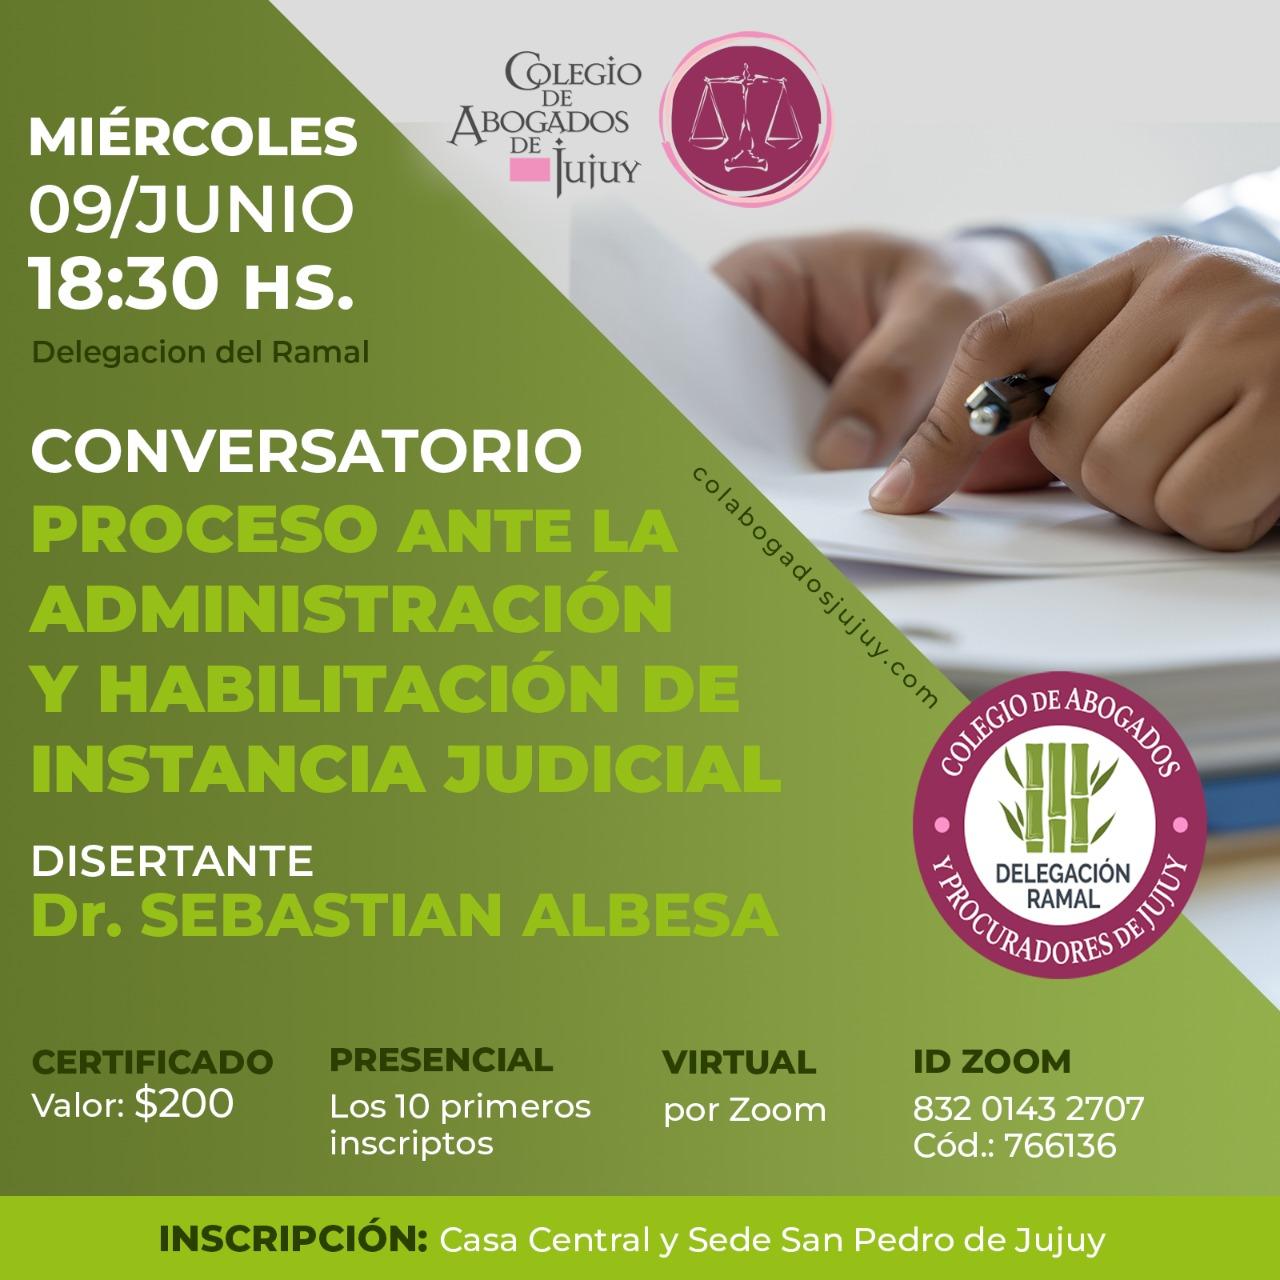 Conversatorio: Proceso ante la administración y habilitación de instancia judicial